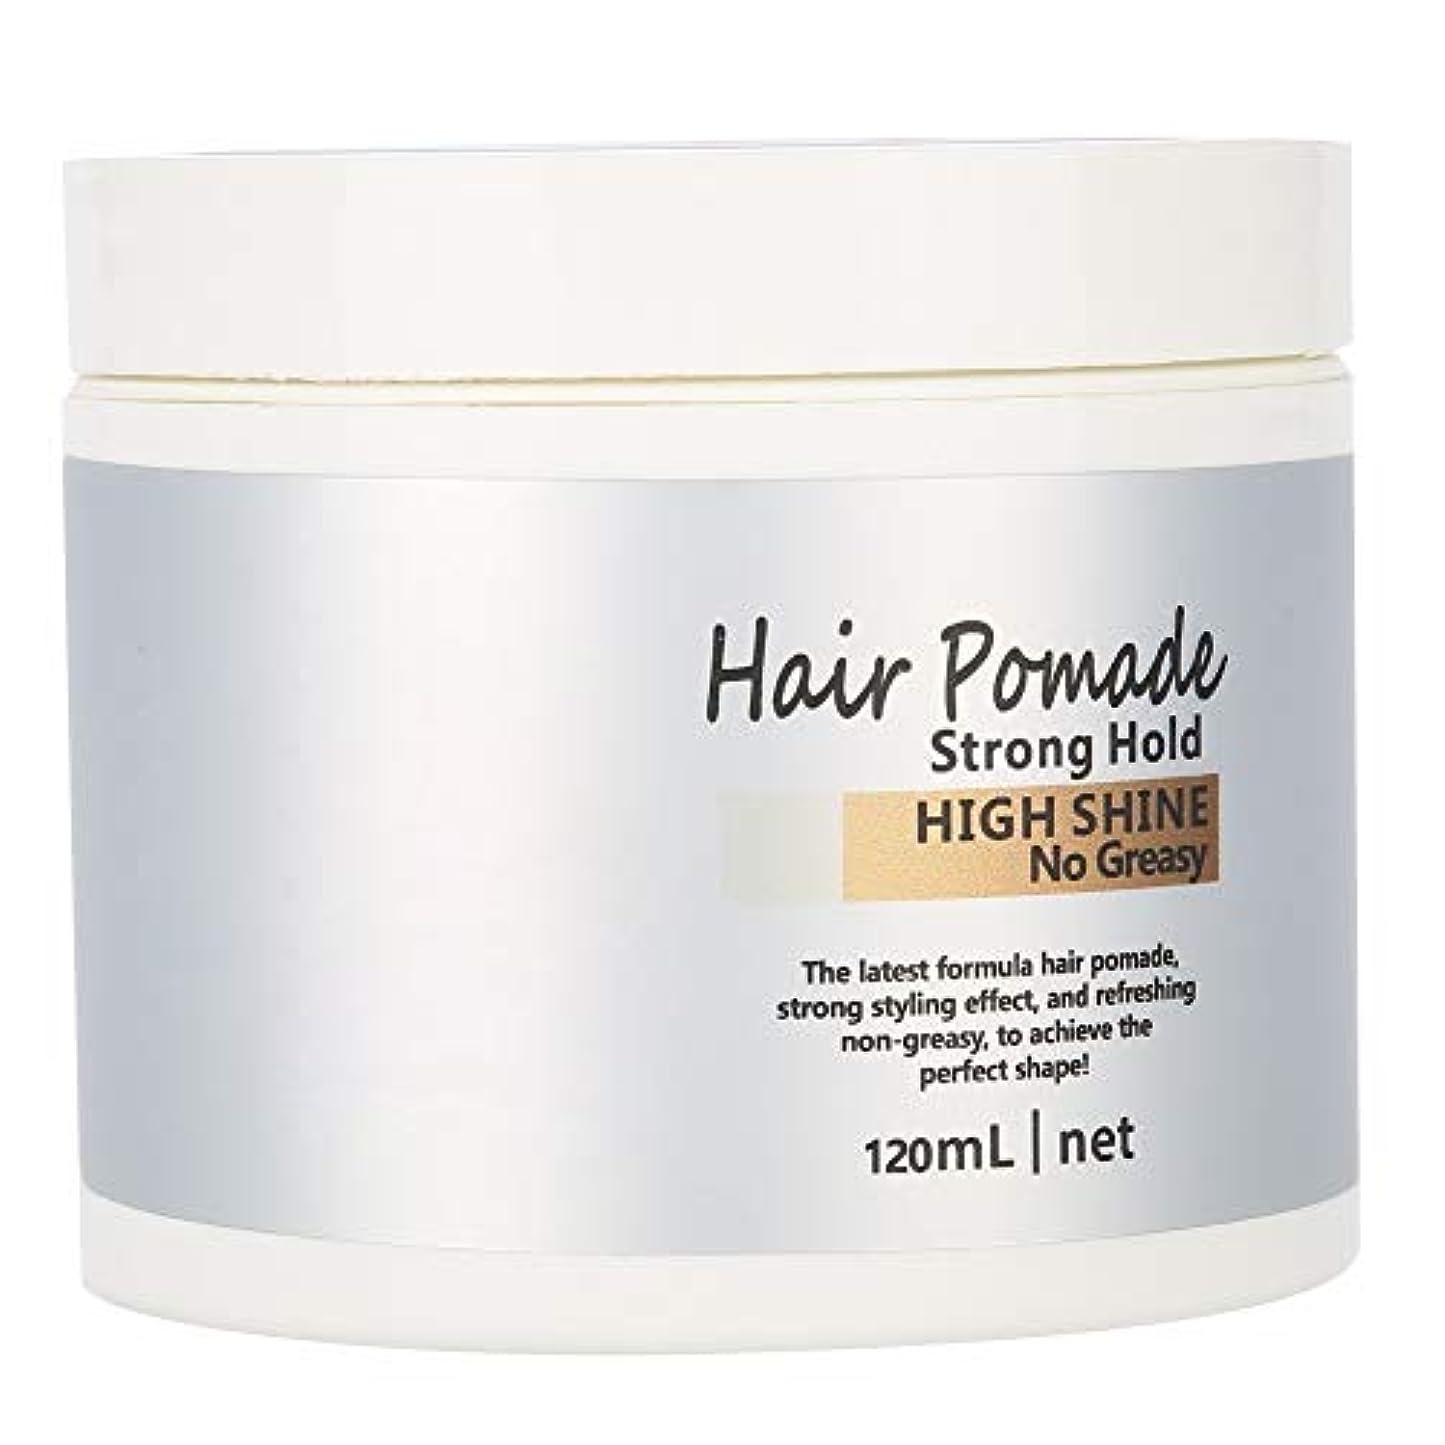 ポルティコ喜び軽蔑髪のポマードワックス、機能を持つ男性のための120ミリリットルヘアスタイリングアクアワックスは強いホールドと光沢のある仕上げができます